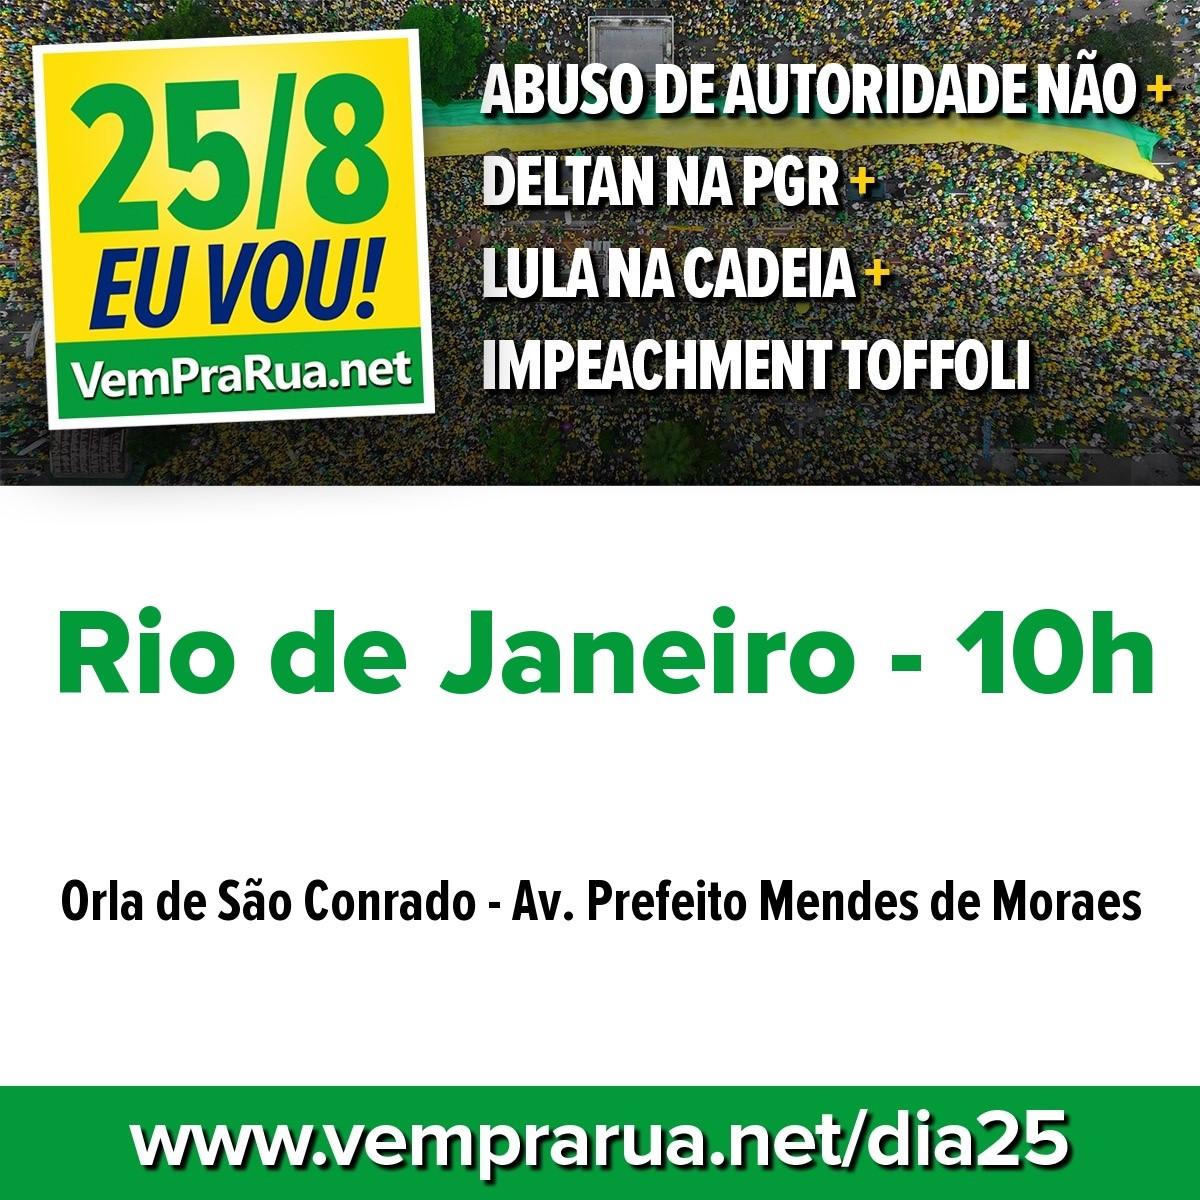 25 de agosto, 10h: Rio de Janeiro